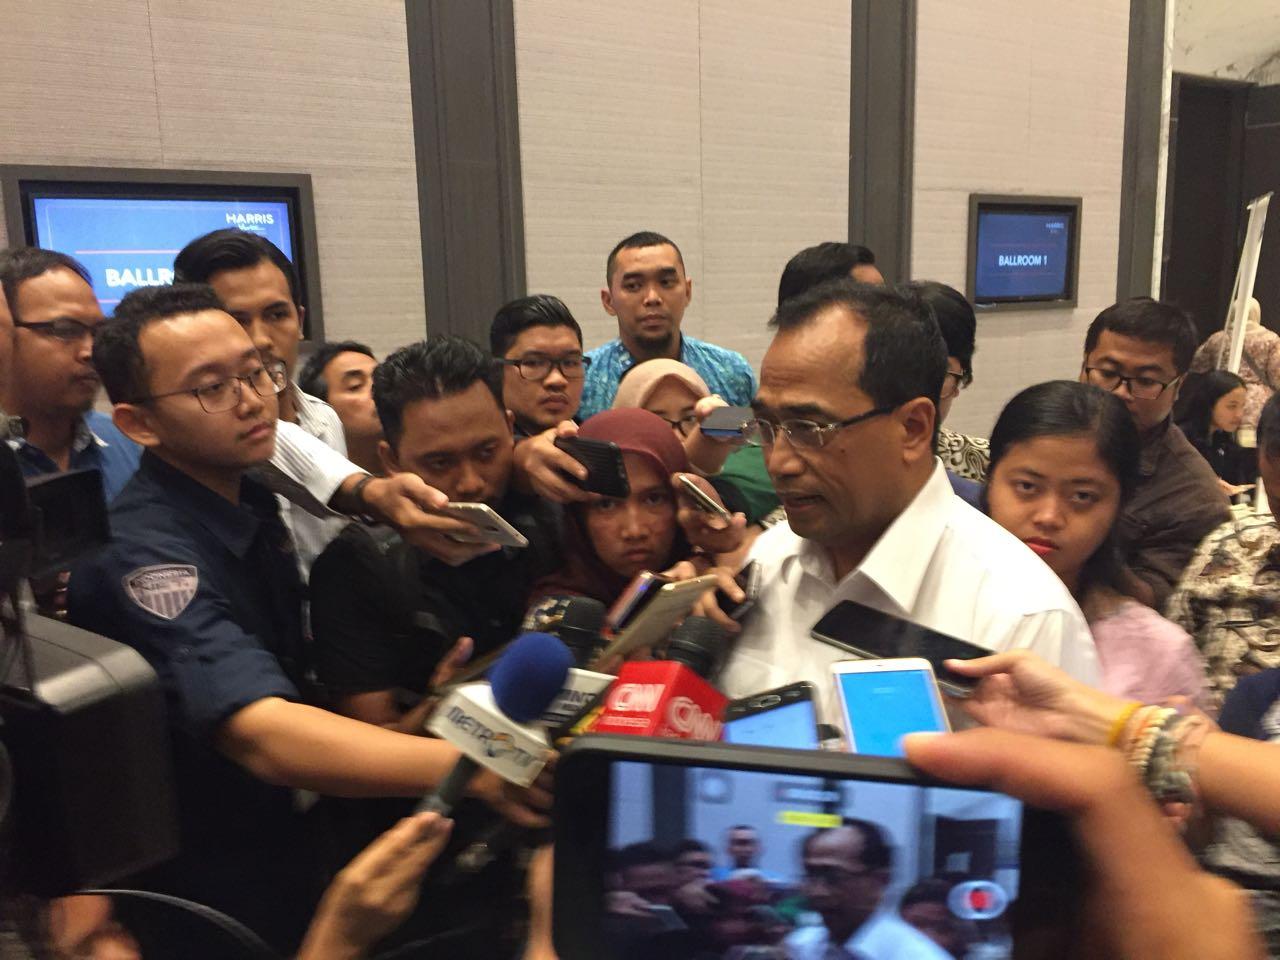 Hasil gambar untuk Dengan Kereta Cepat, Menhub Ingin Jakarta-Surabaya Bisa Ditempuh 5,5 Jam